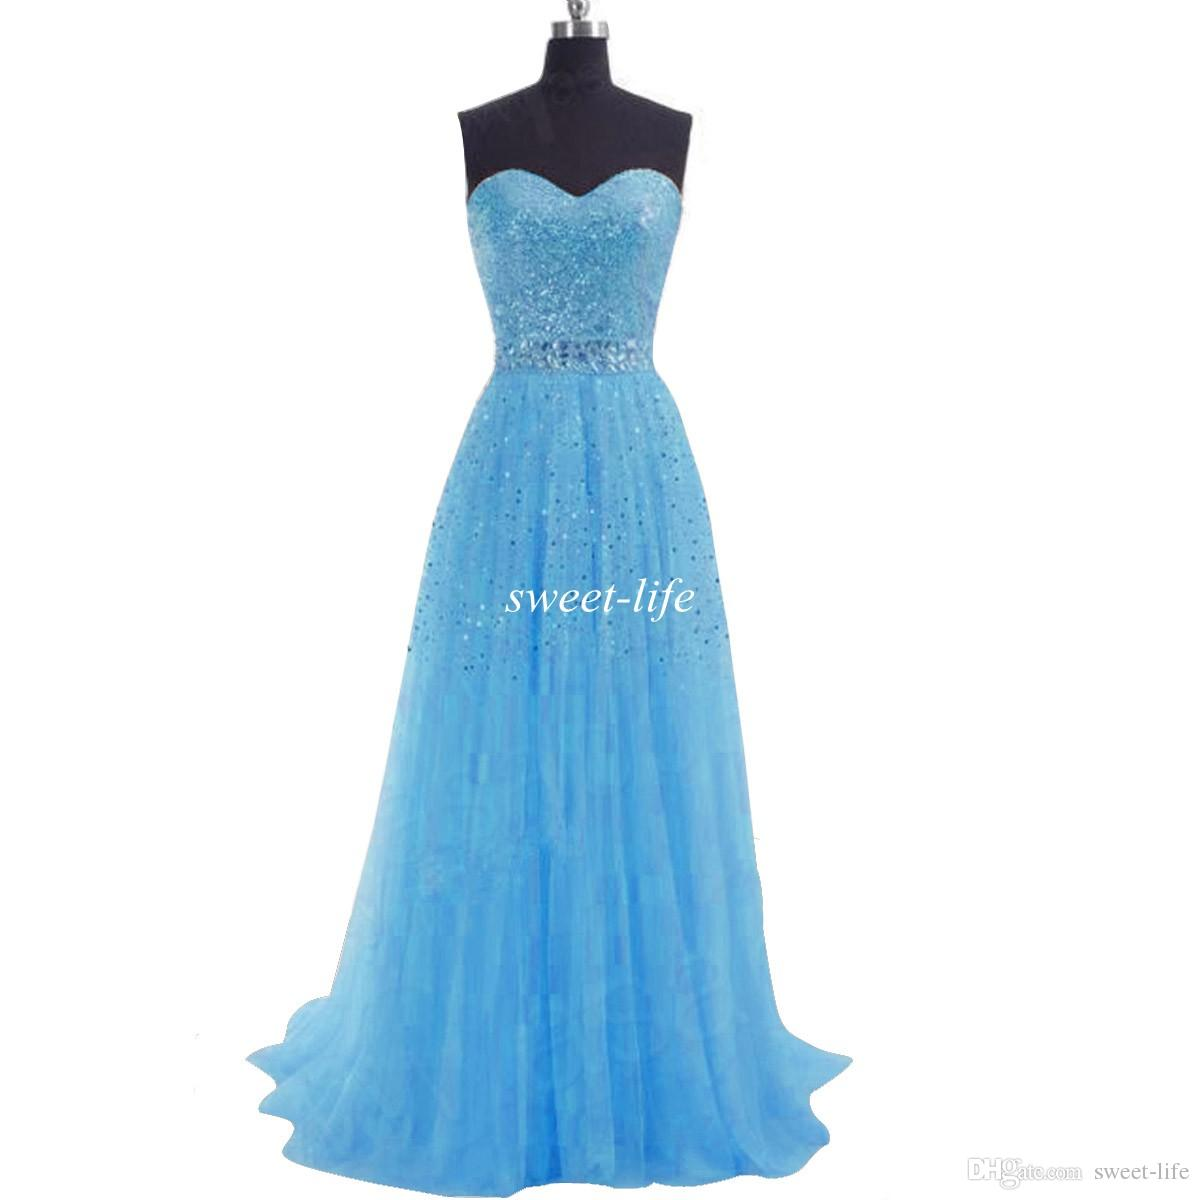 EN STOCK 2019 Vestidos de baile largos baratos Lentejuelas Una línea de tul de tul con cordones Vestidos de dama de honor de fiesta de coral azul lila Vestidos de noche